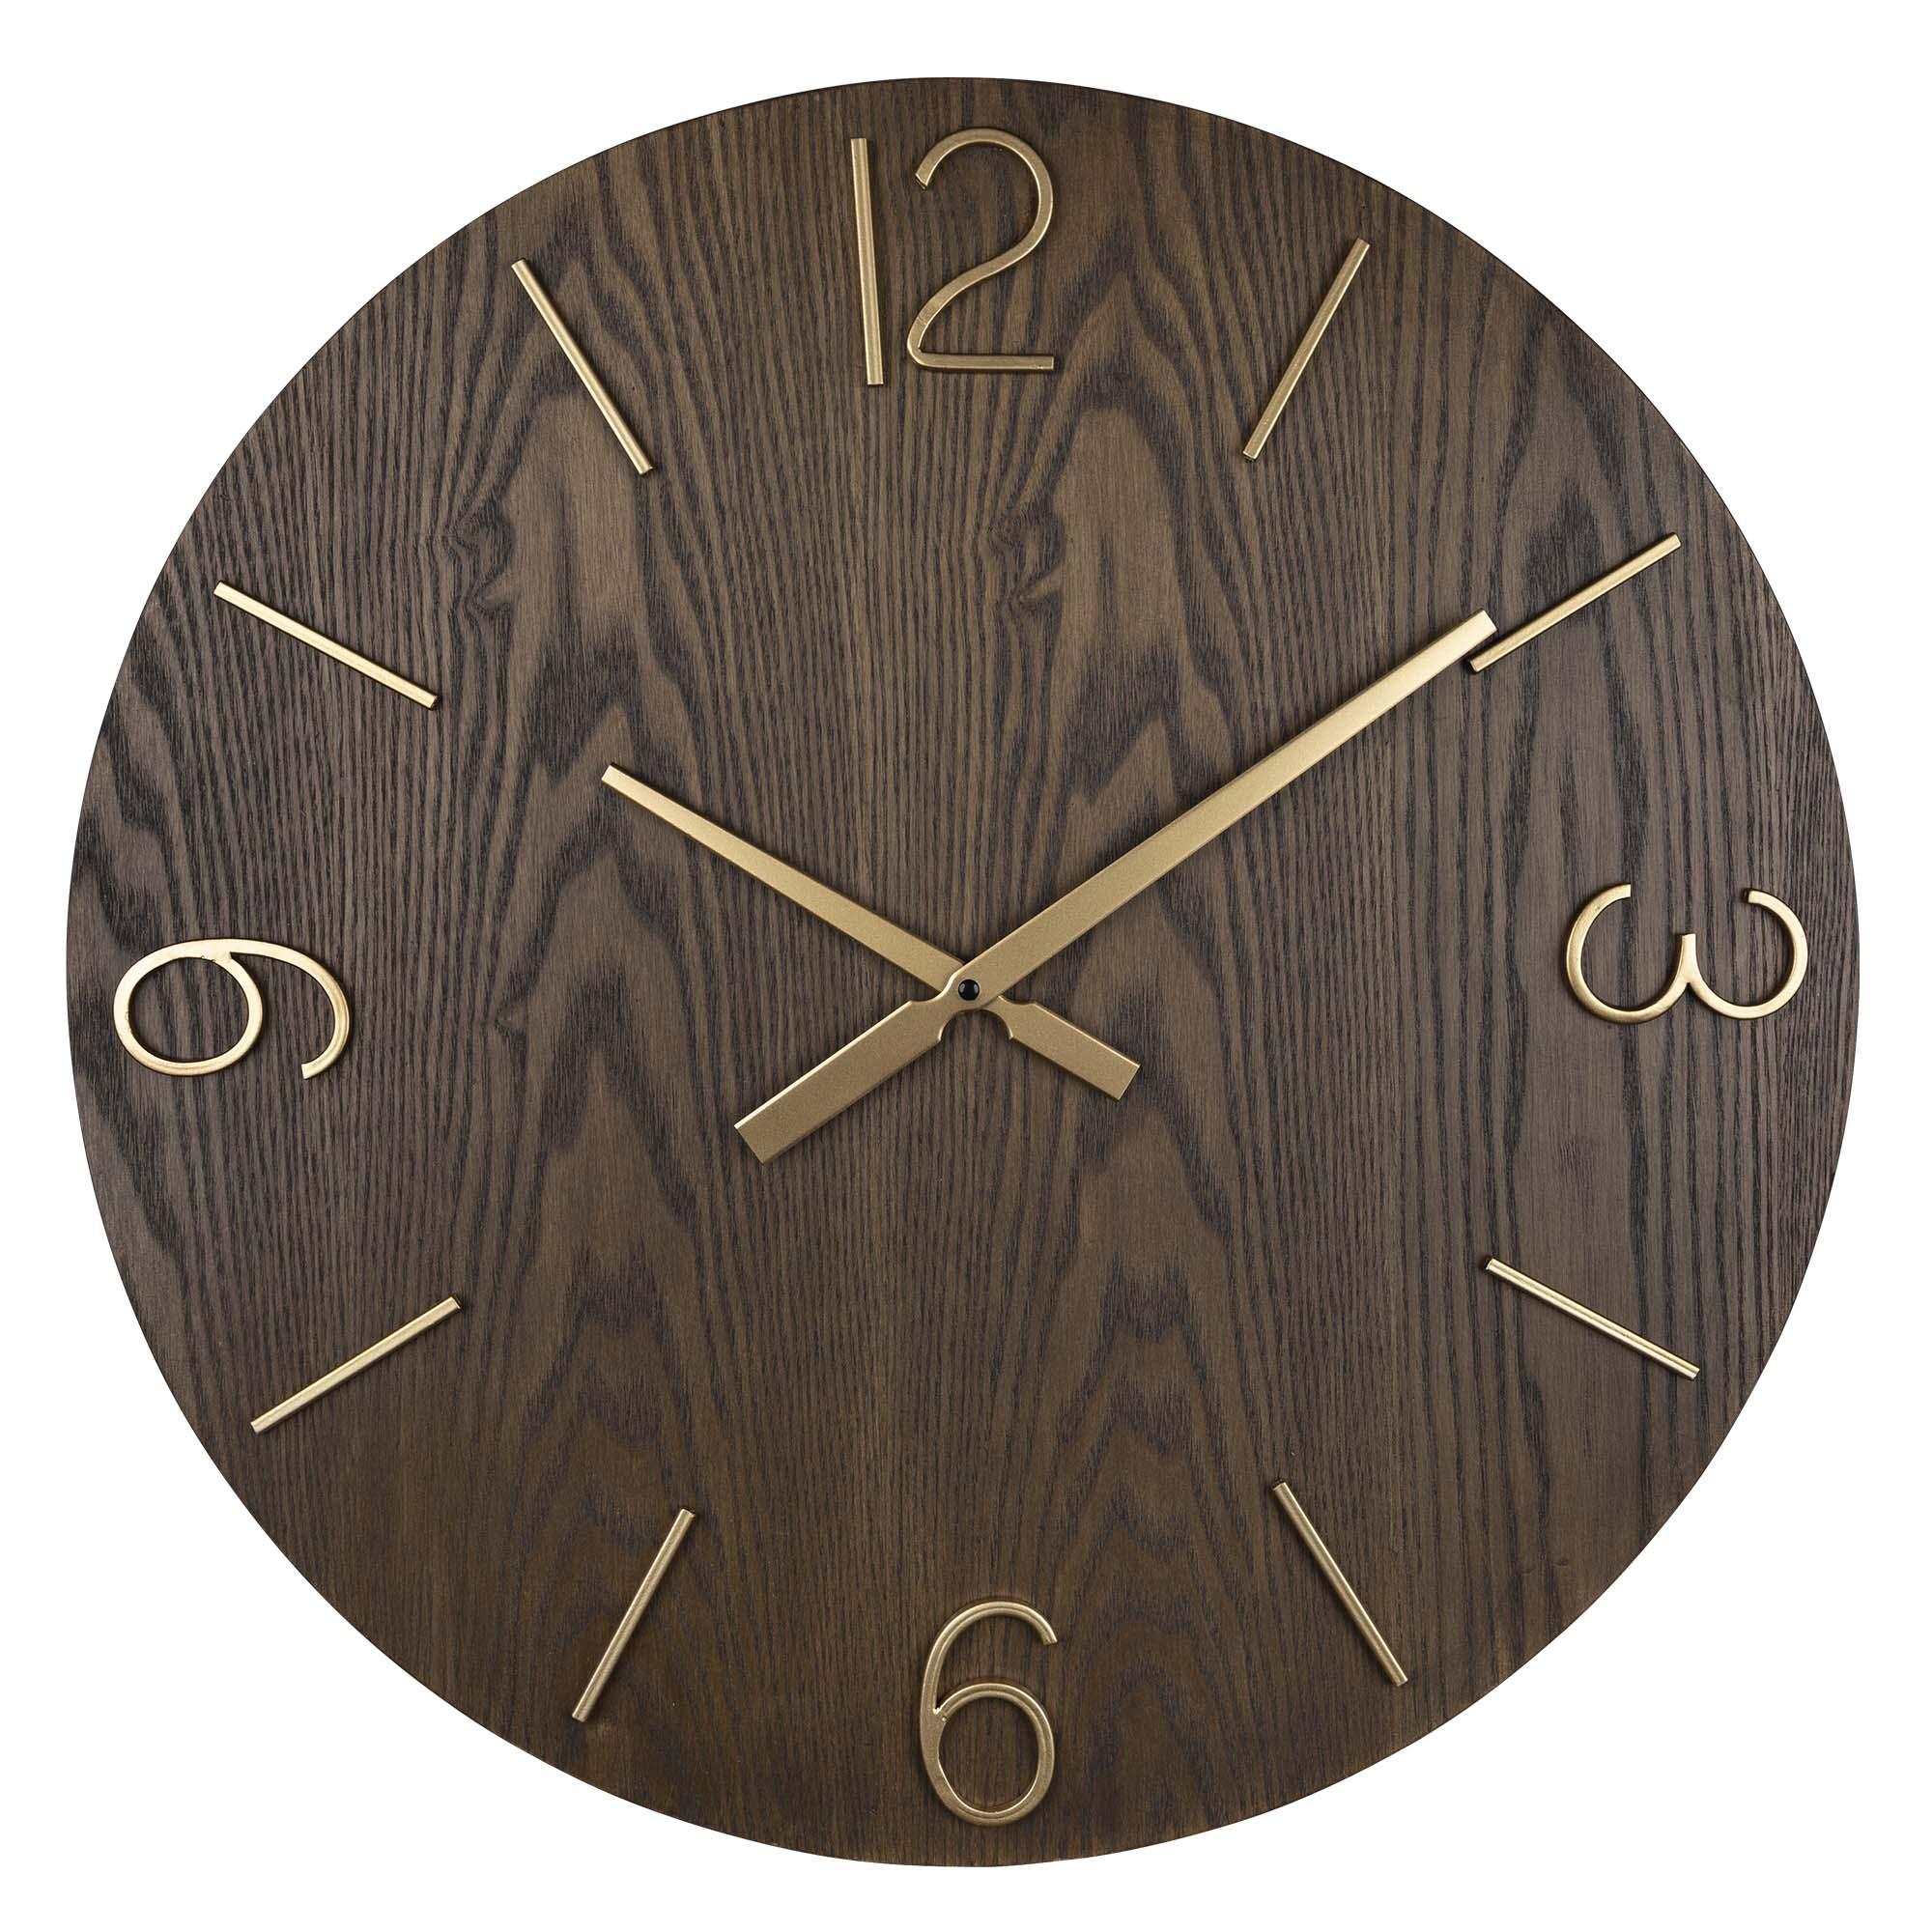 Stratton Home Decor Bennett Wood Wall Clock